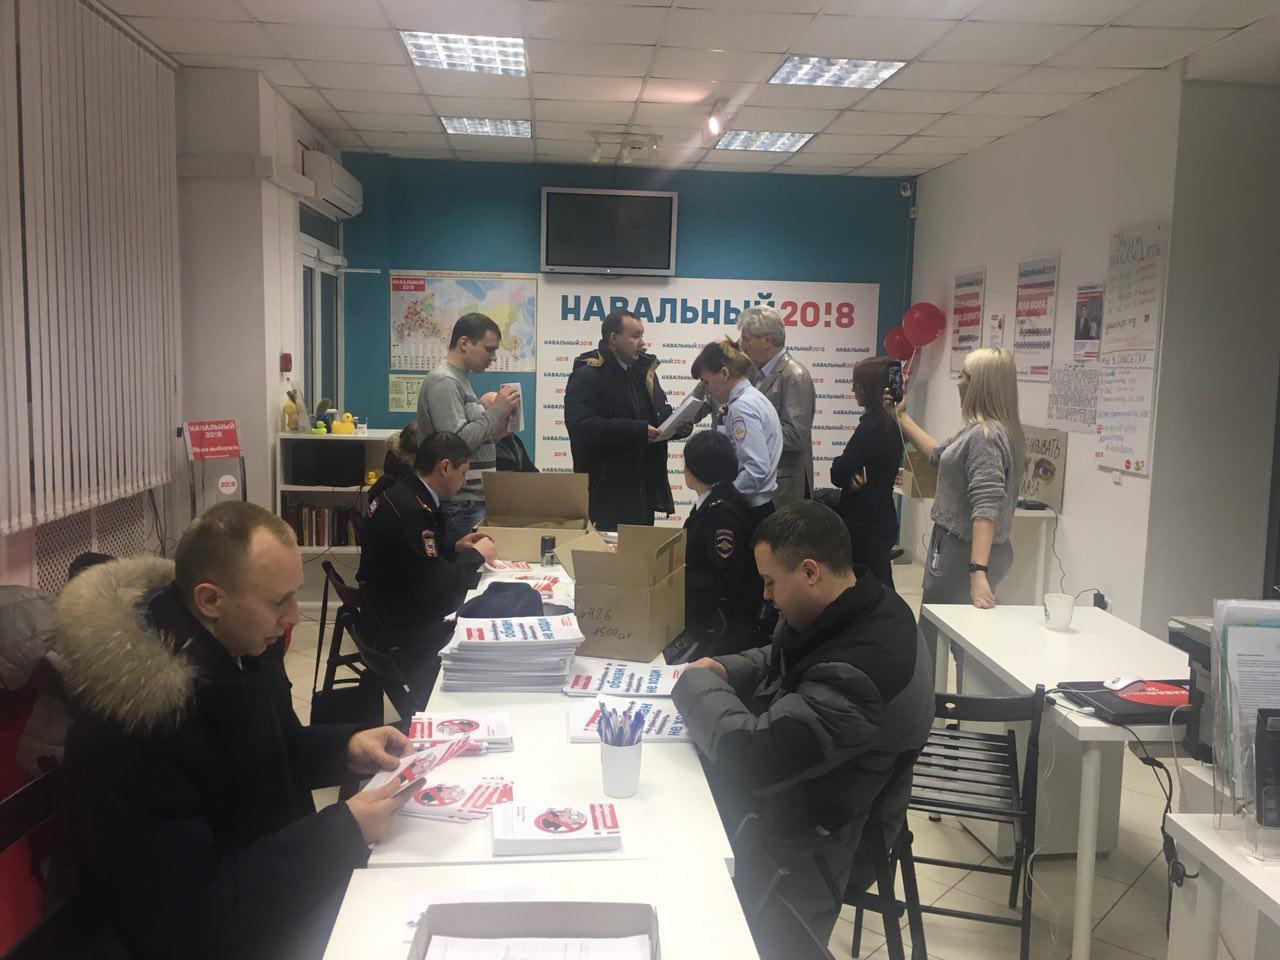 Полиция изъяла листовки новосибирского штаба Навального